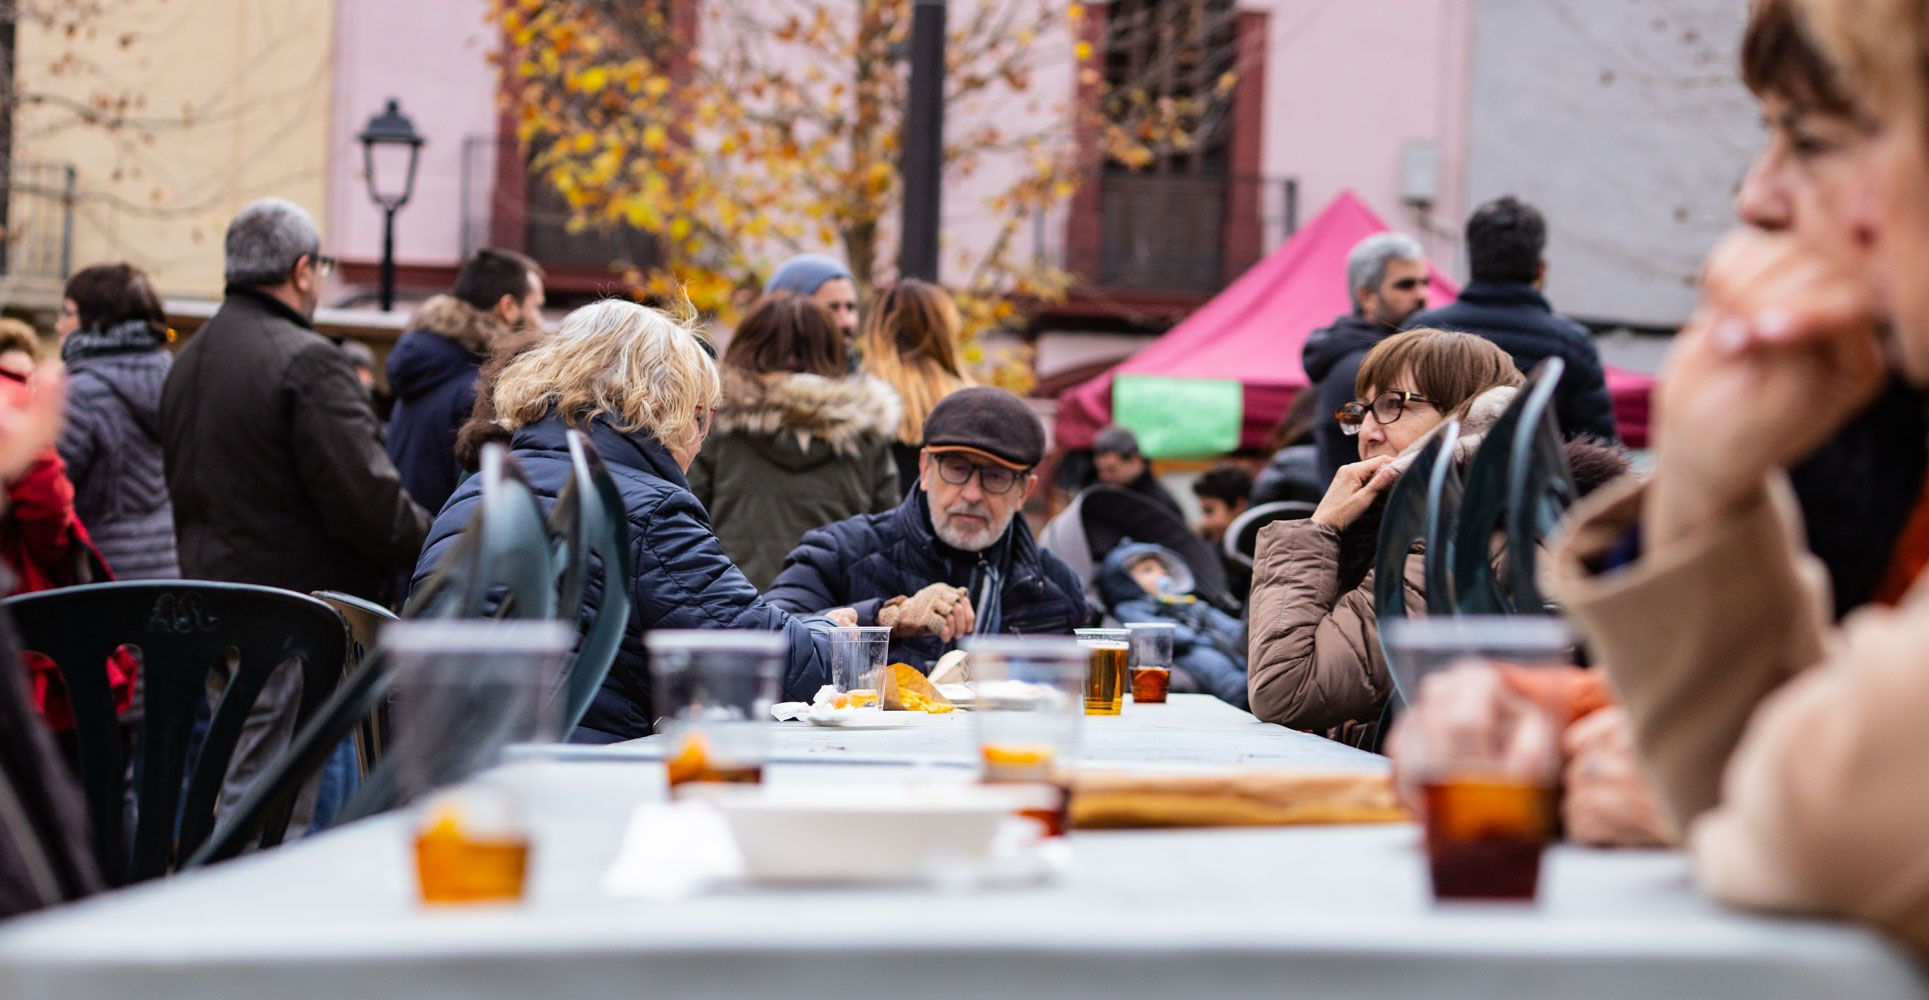 Vermut i animació familiar amb Carles Cuberes a la plaça de Barcelona.